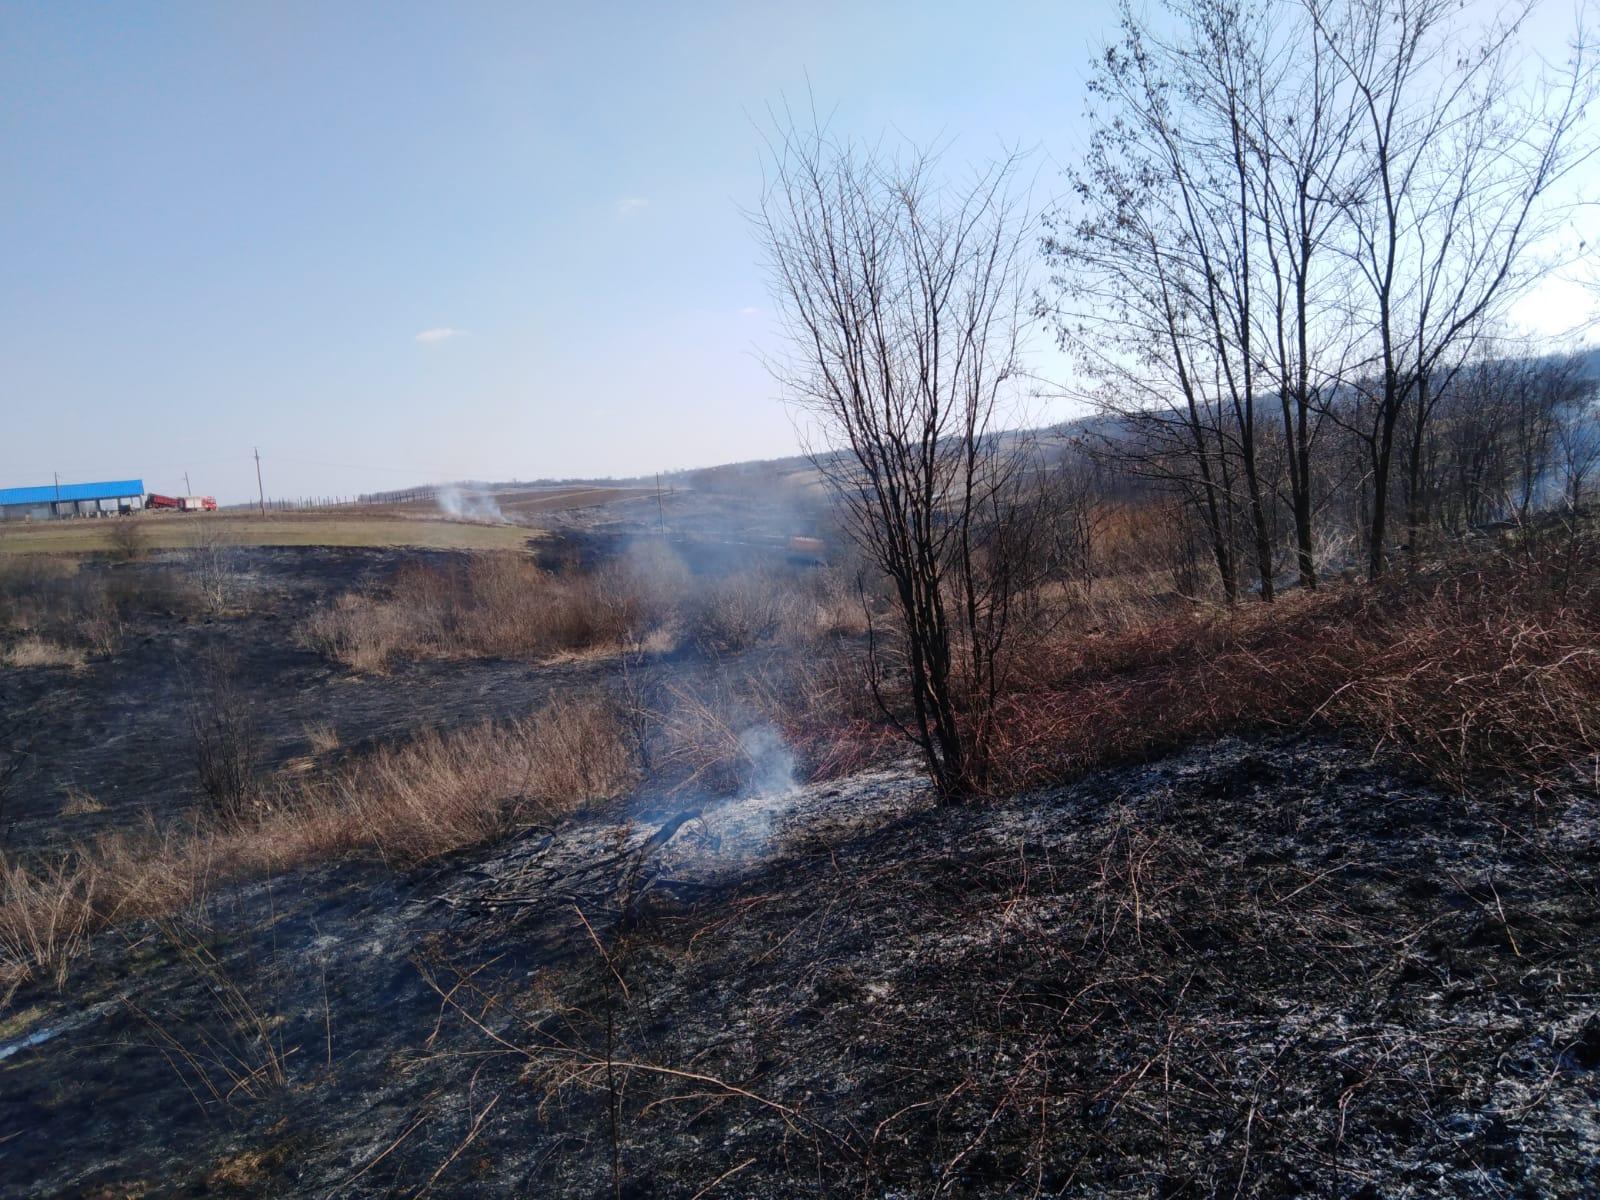 Un câmp cu vegetație uscată aprins de la o țigară aruncată la întâmplare